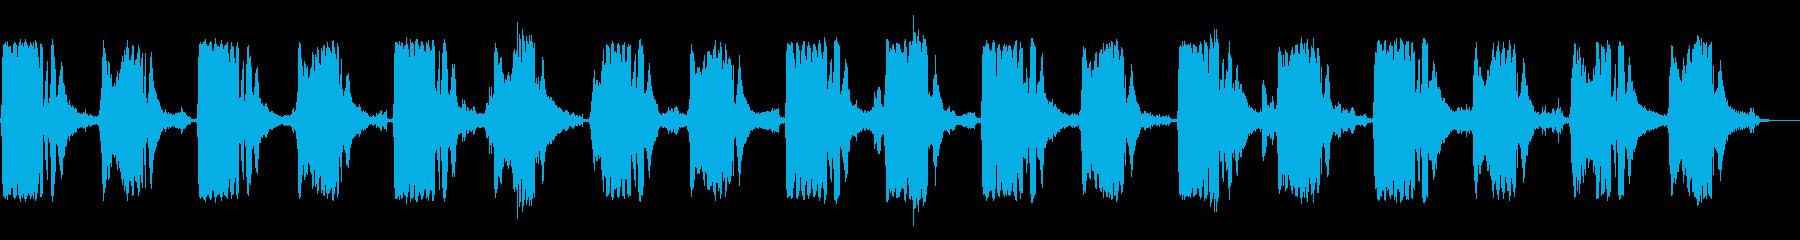 夜の森に鳴り響く不気味な森音描写の再生済みの波形